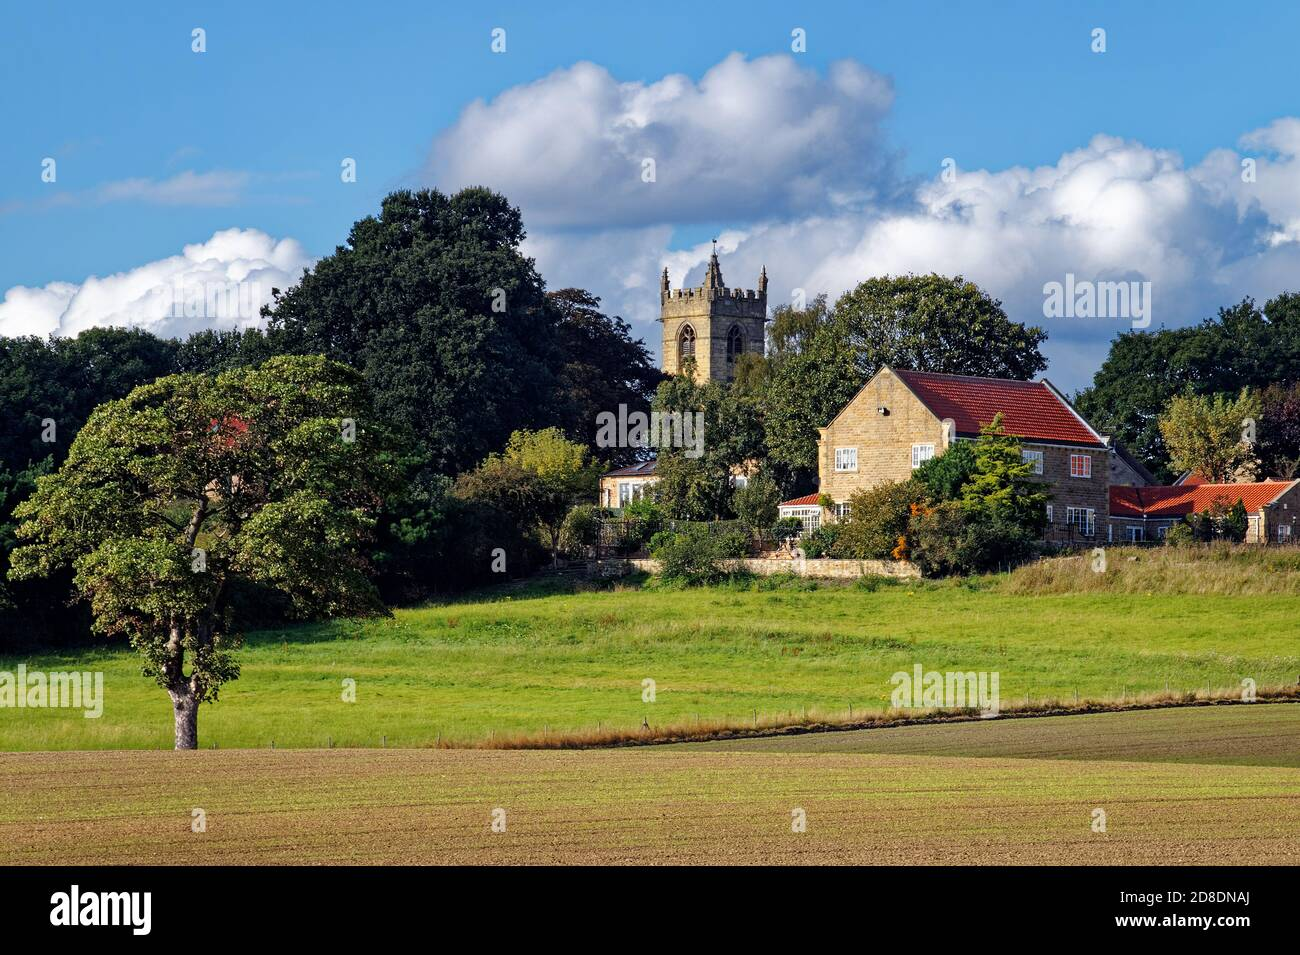 Großbritannien, South Yorkshire, Barnburgh, St. Peter's Church und die umliegende Landschaft Stockfoto